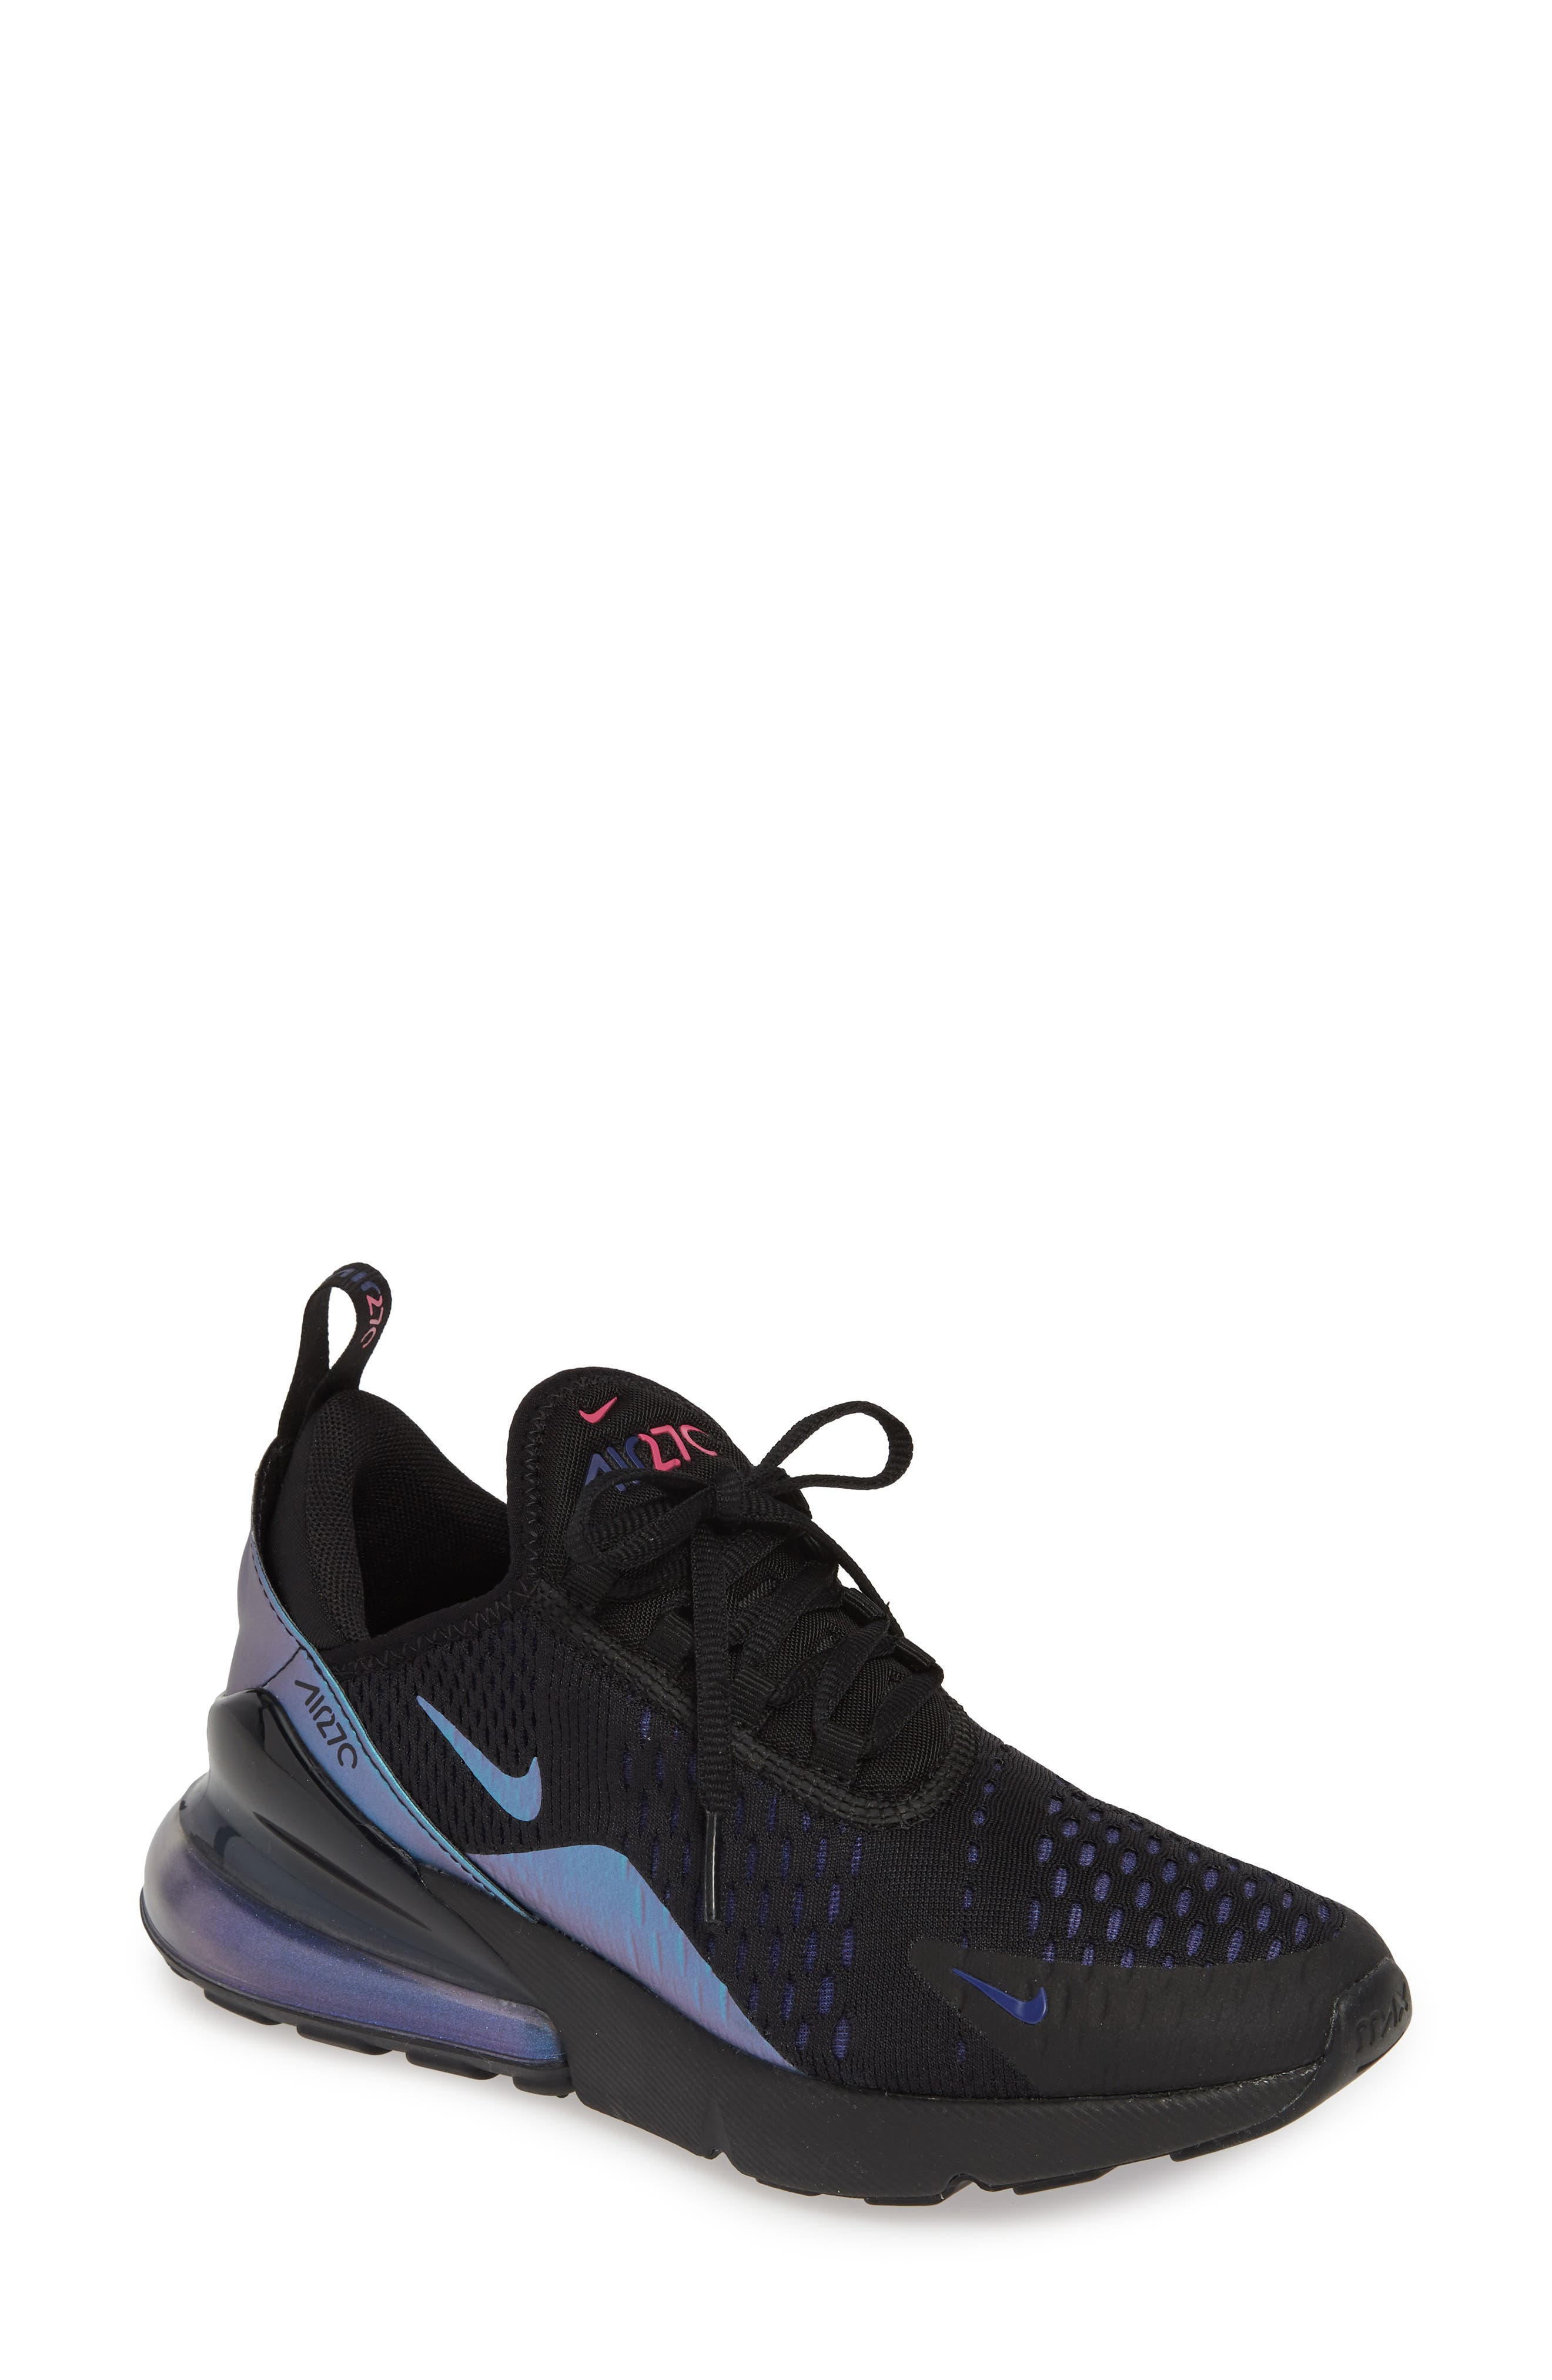 Air Max 270 Premium Sneaker by Nike